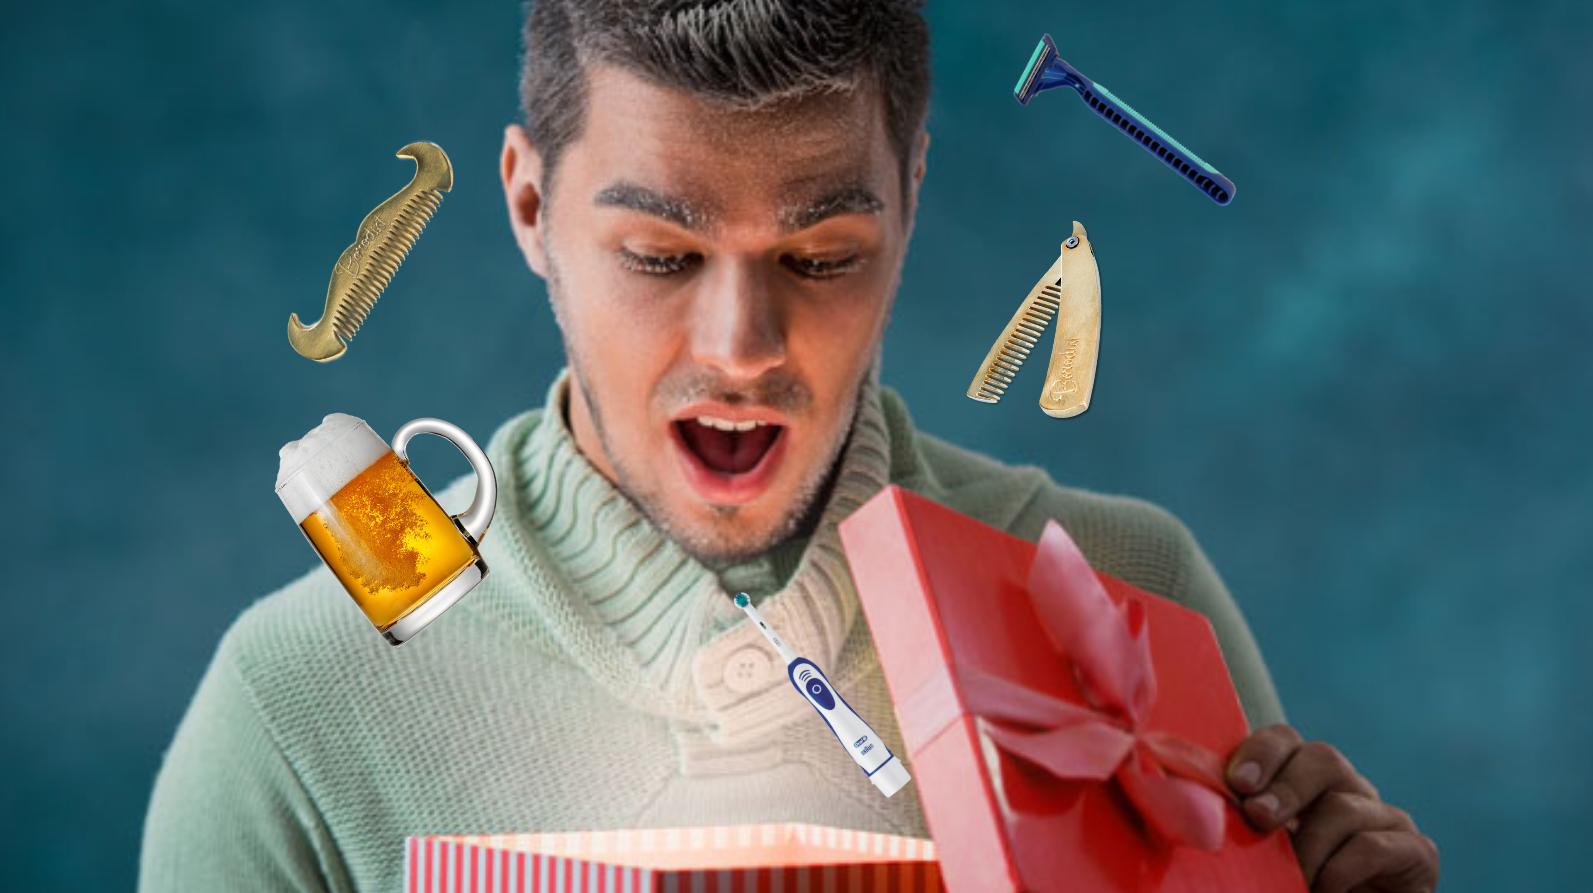 6 бьюти-подарков для мужчин: что он будет рад найти под елкой?